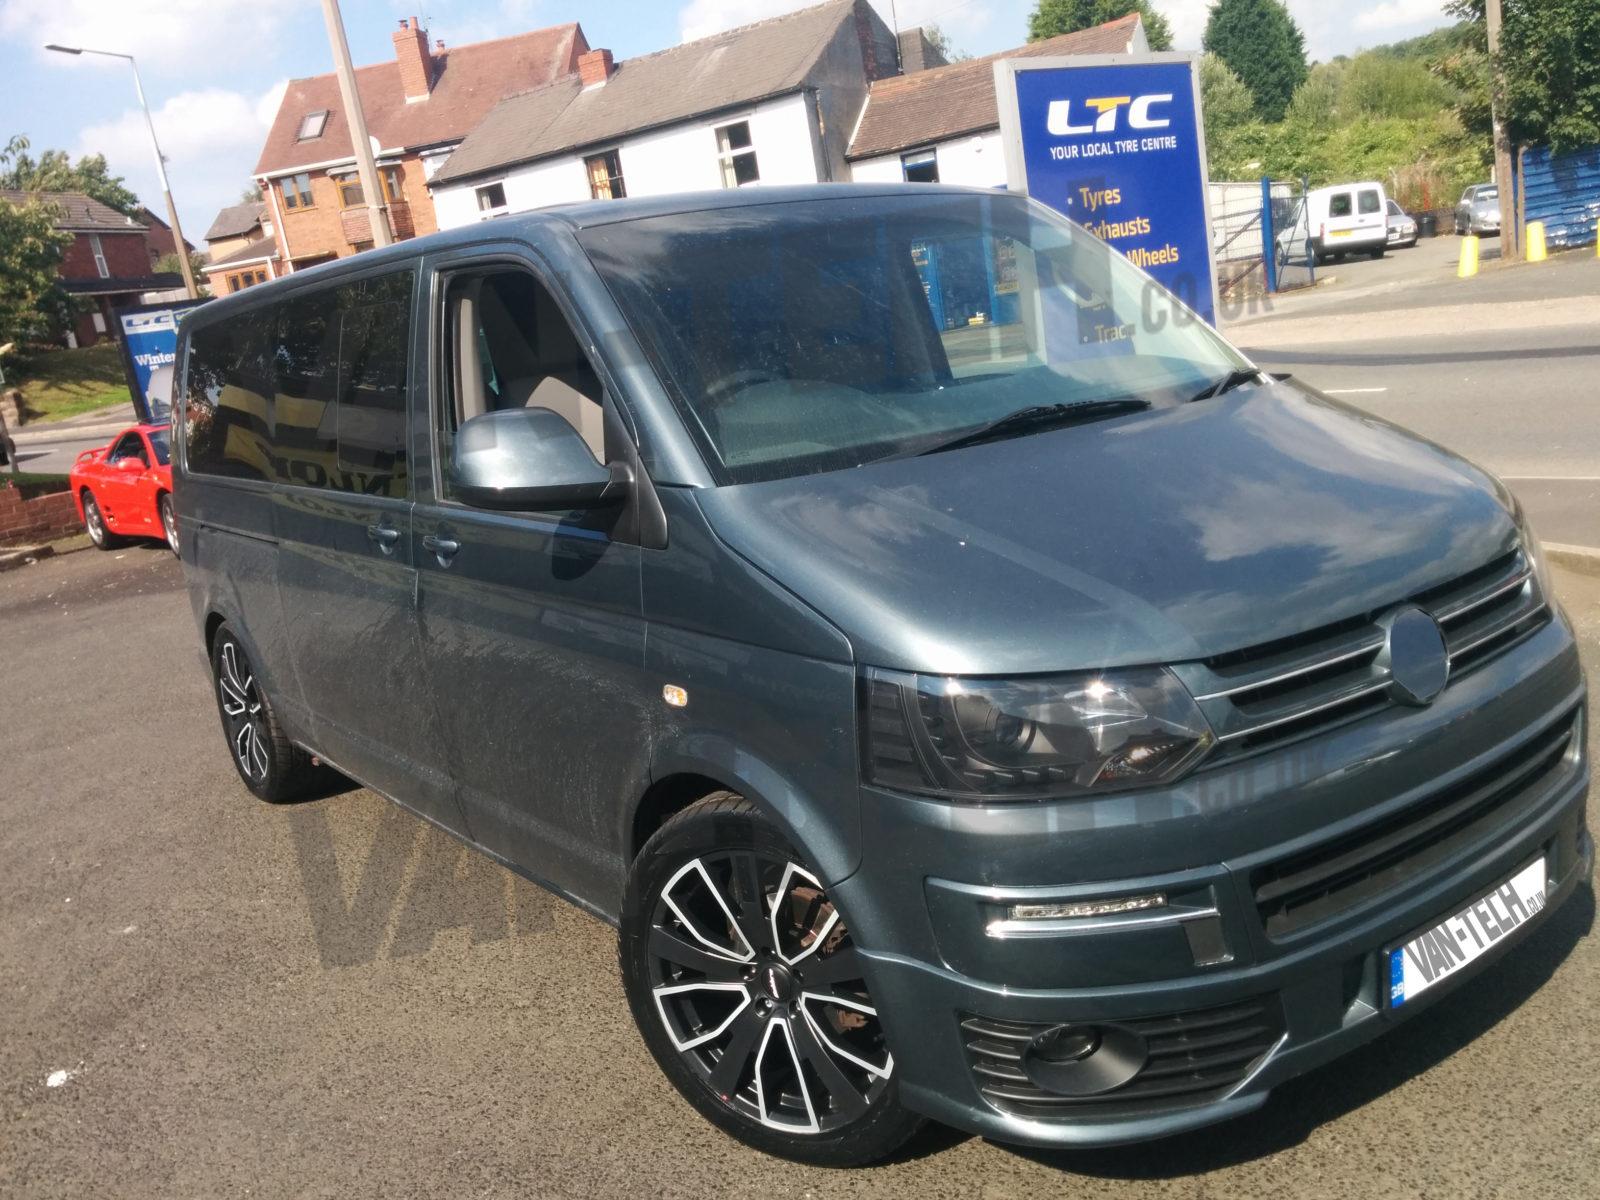 Calibre Kensington 20 Quot Alloy Wheels Vw T5 Van Tech